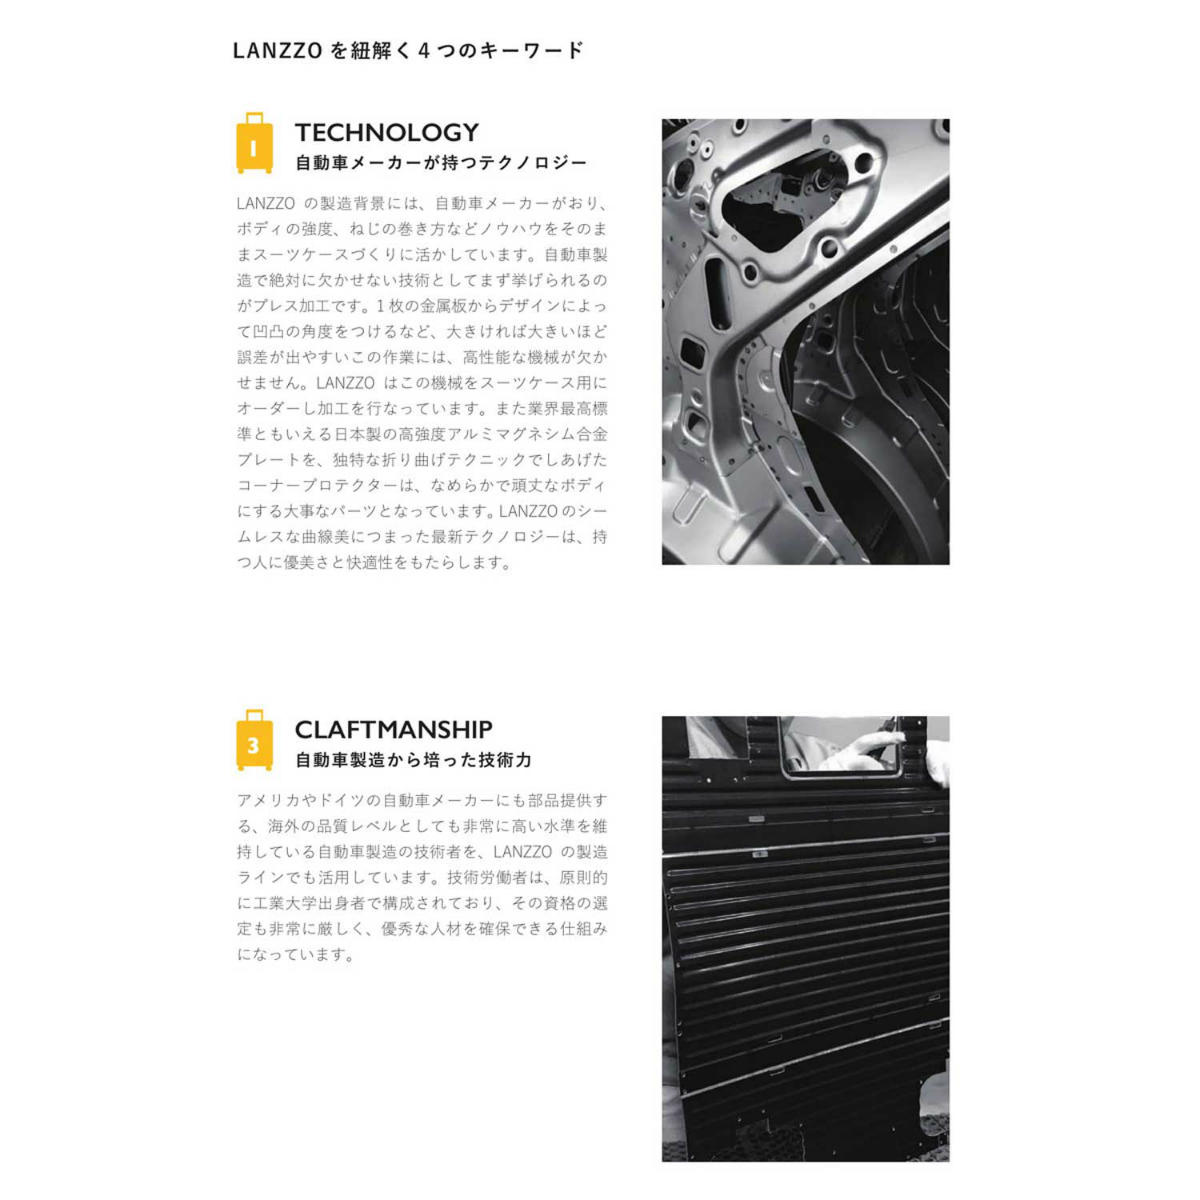 【クリアランスセール・GoTo トラベル】ランツォ LANZZO Norman Light ノーマン ライト 4輪 87L 約5.8kg ダイアルロック式 ポリカーボネート スーツケース PC29 42906 GRY(グレー)【返品交換不可】special priceAM